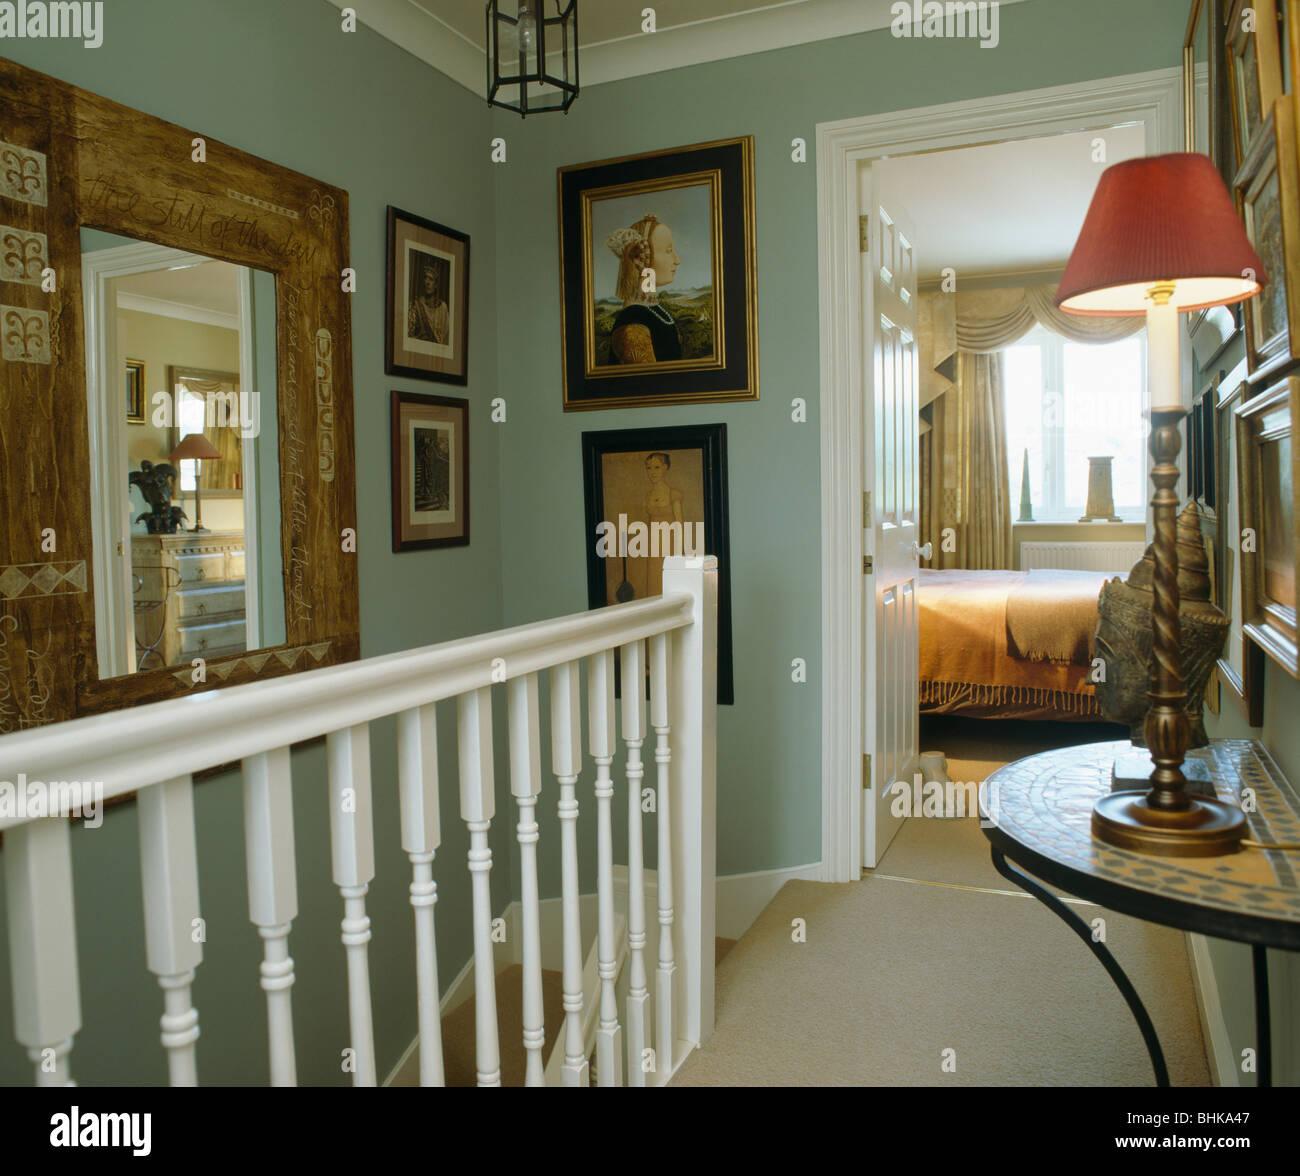 Bilder Und Große Spiegel An Wänden Blass Grün Landen Mit Beleuchteten Lampe  Auf Konsole Tisch Und Tür Offen Für Schlafzimmer